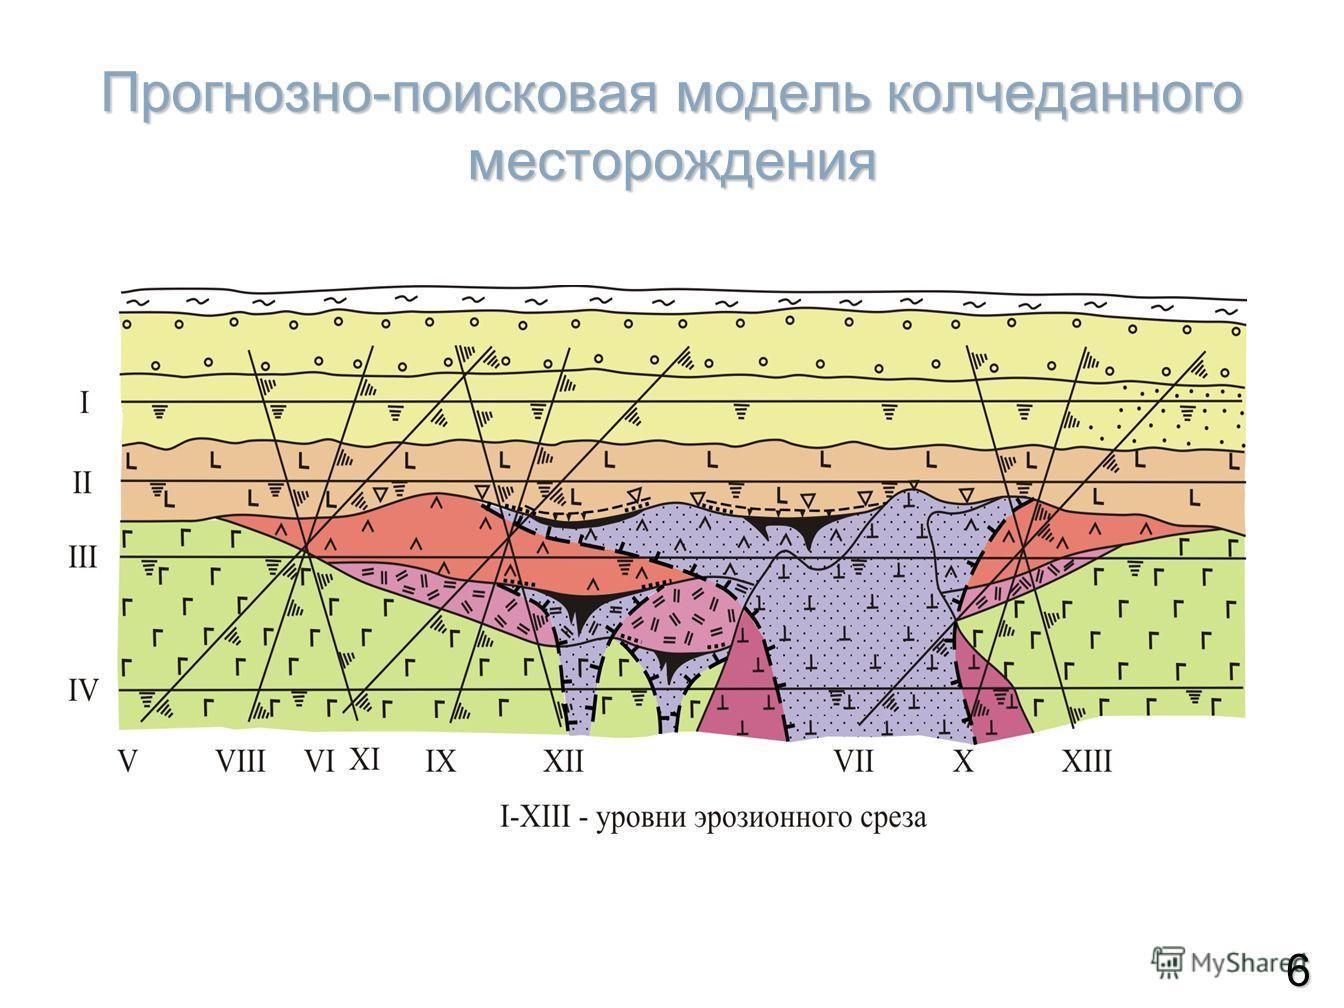 Прогнозно-поисковая модель колчеданного месторождения 6